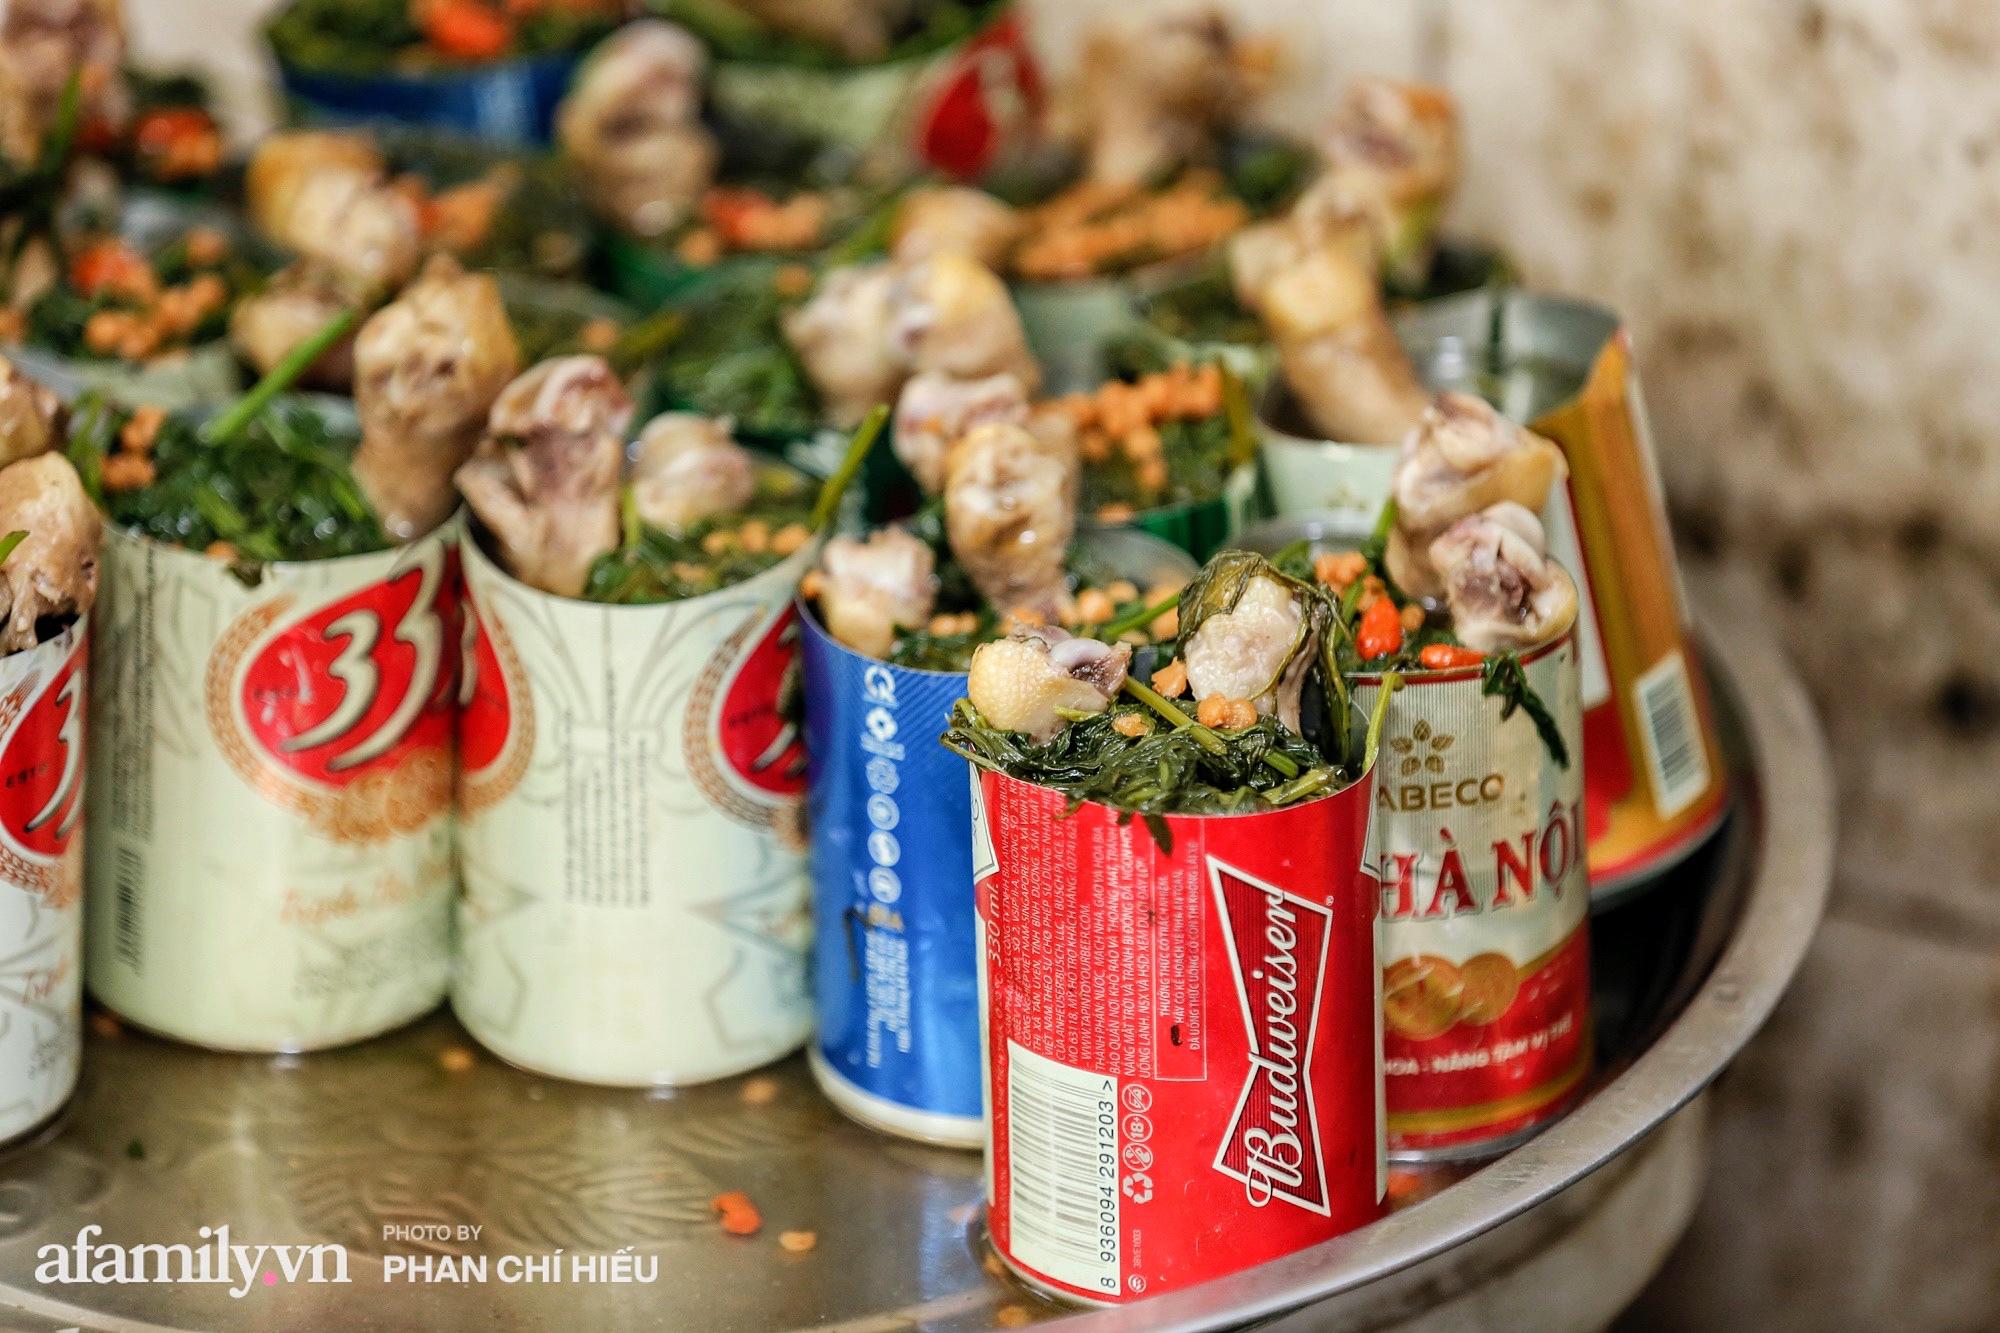 """Quán gà tần nổi tiếng """"ngày bán nghìn suất"""" trên phố An Dương với món tủ là mì gà tần lon bia giá chỉ 25.000 đồng được full topping liệu có tuyệt vời như lời đồn? - Ảnh 1."""